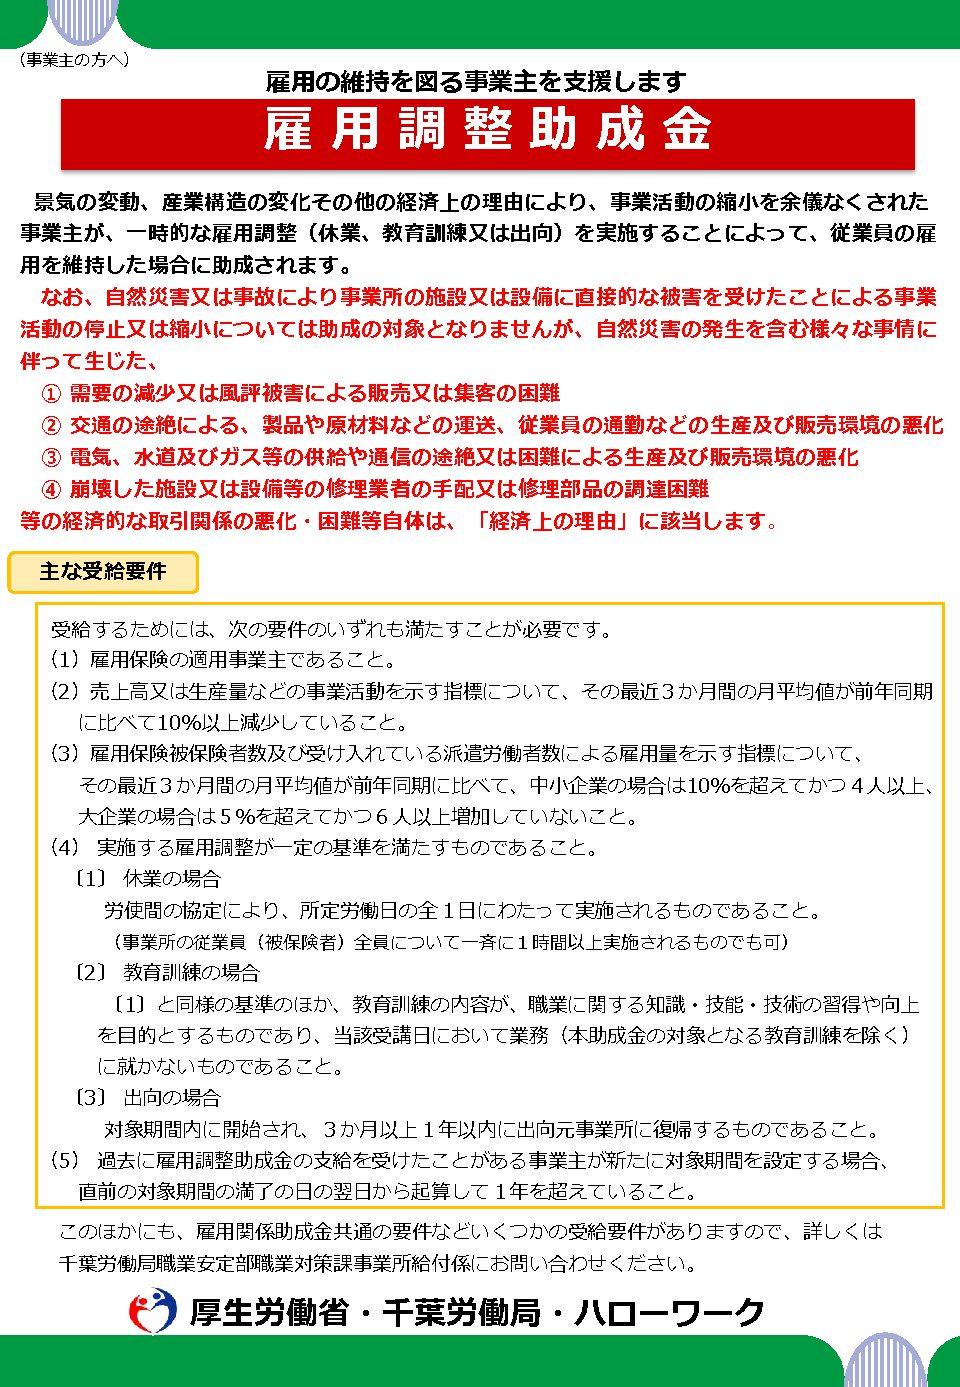 台風15号関連 雇用調整助成金のお知らせ